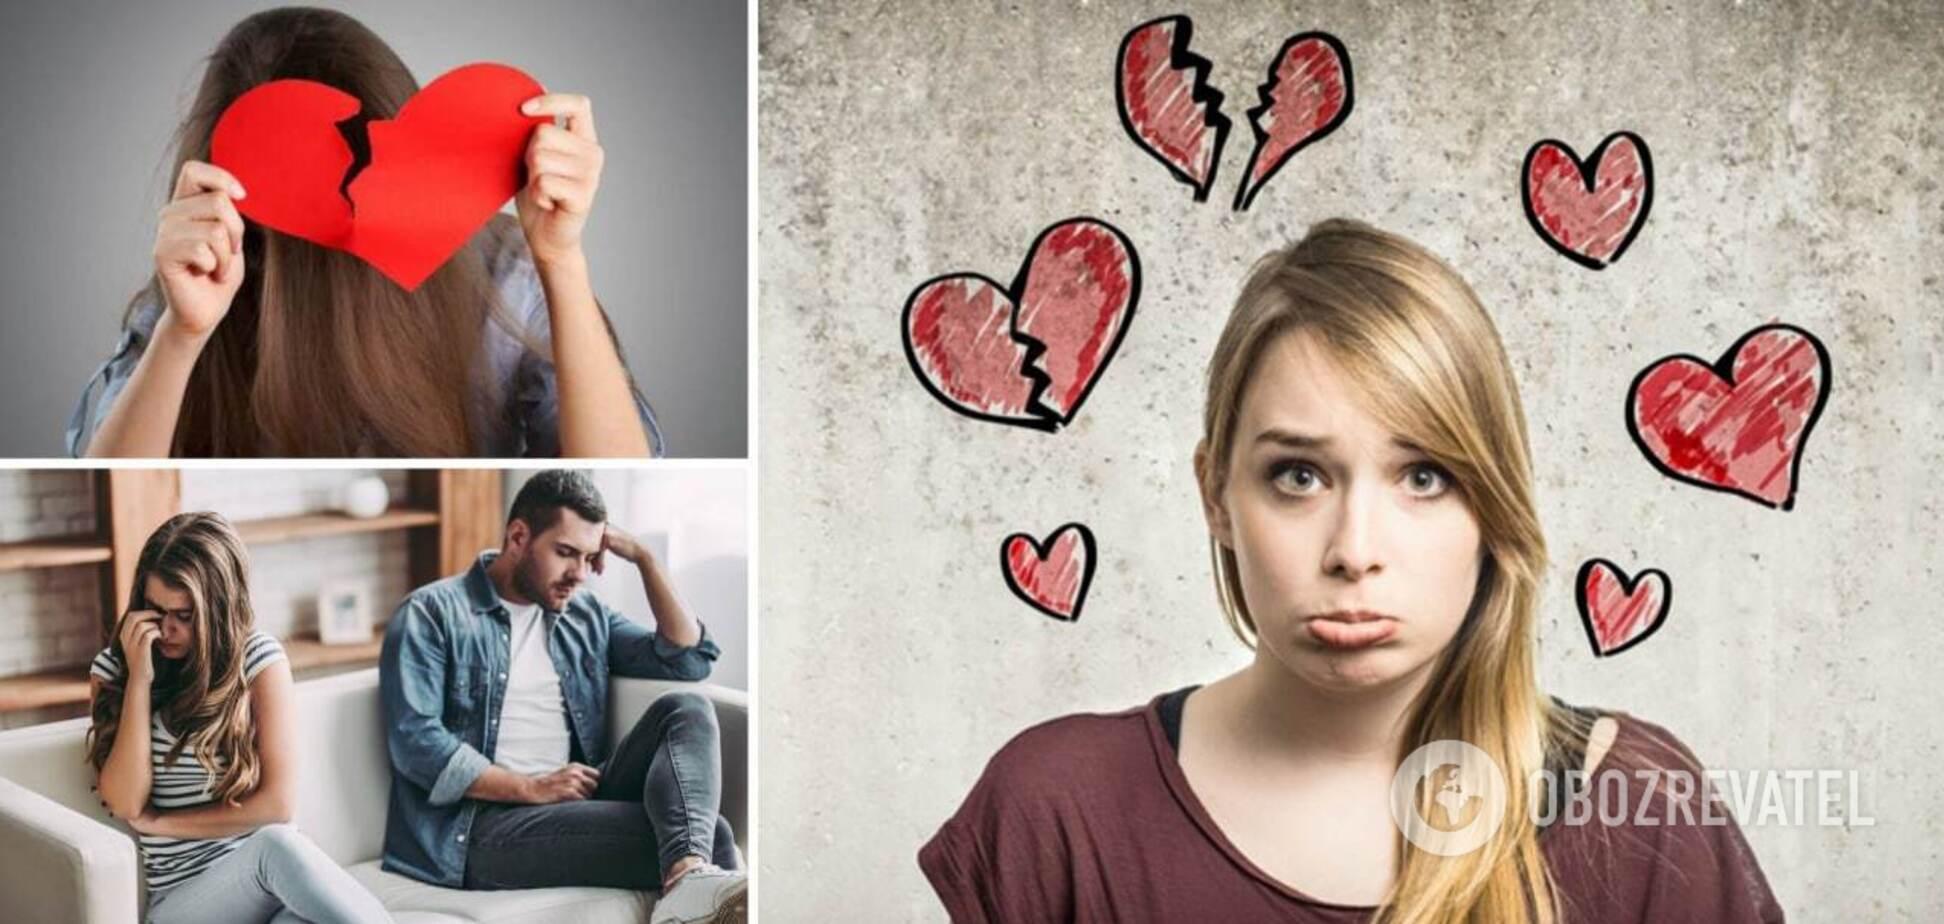 Чотирьом знакам зодіаку важко знайти любов: астрологи розповіли, в чому причина